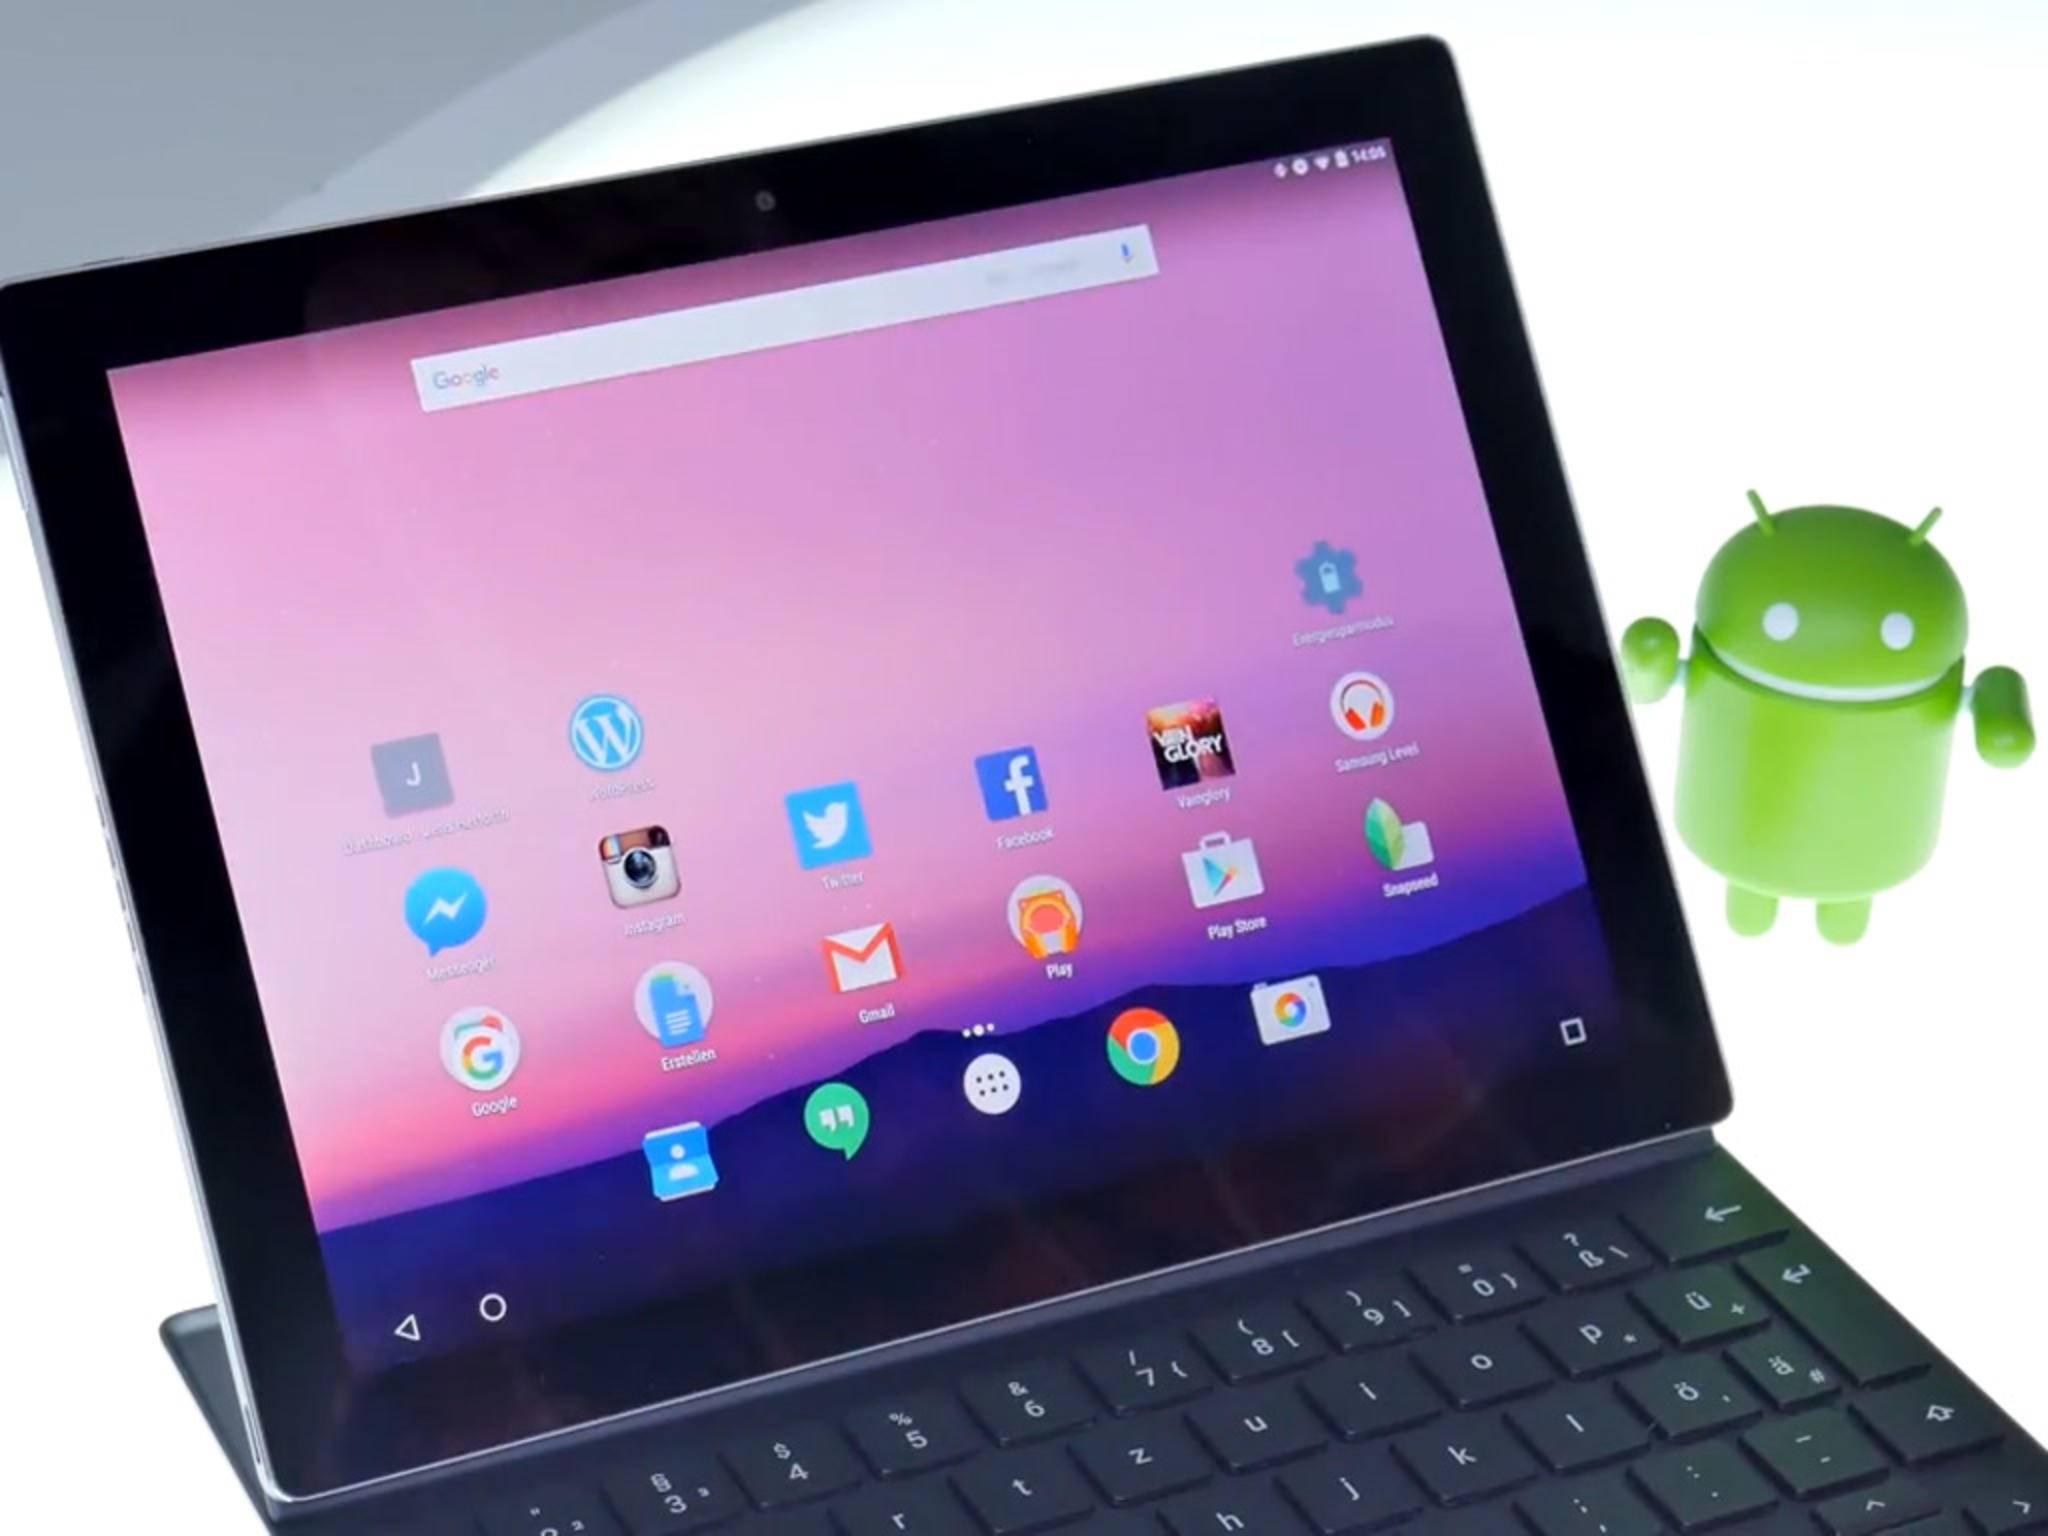 Android N bietet Features, die man in iOS 9 vergeblich sucht.